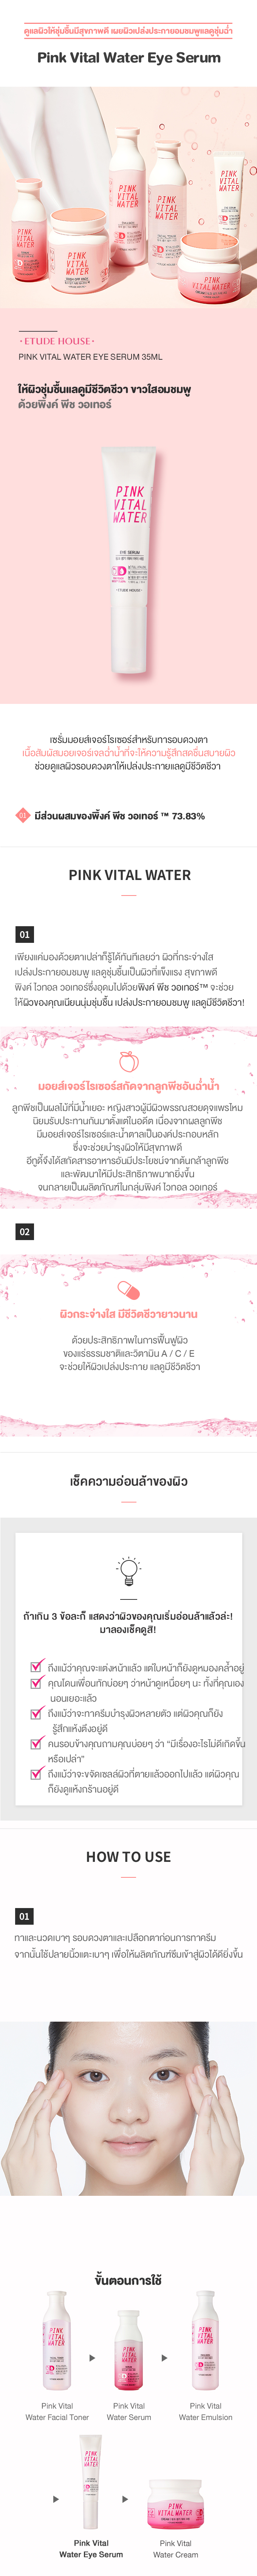 Pink Vital Water Eye Serum